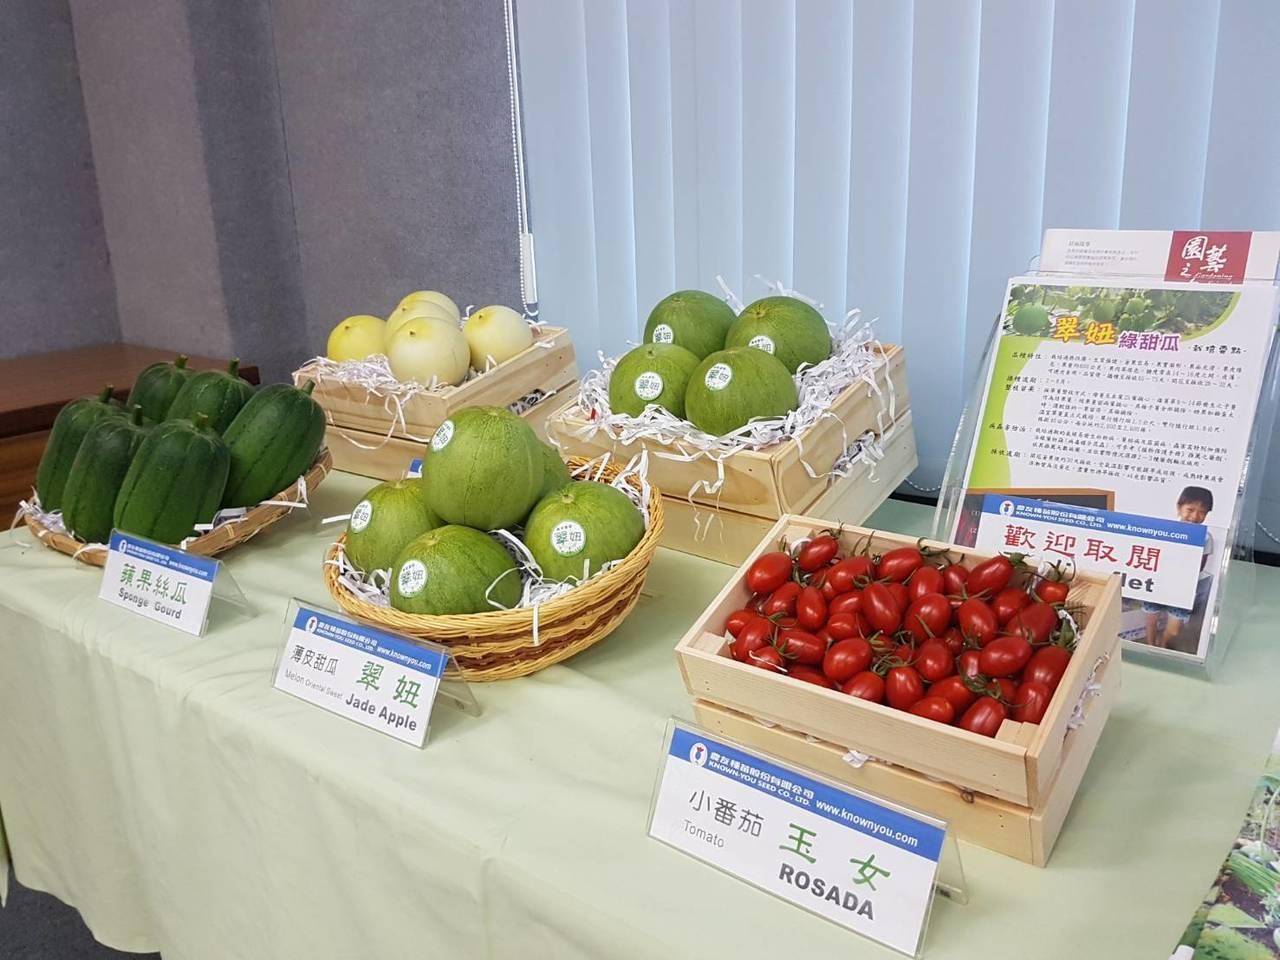 透過分子輔助育種技術可篩選出作物基因中耐高溫、抗蟲病等性狀,有助於幫助水果外觀更...